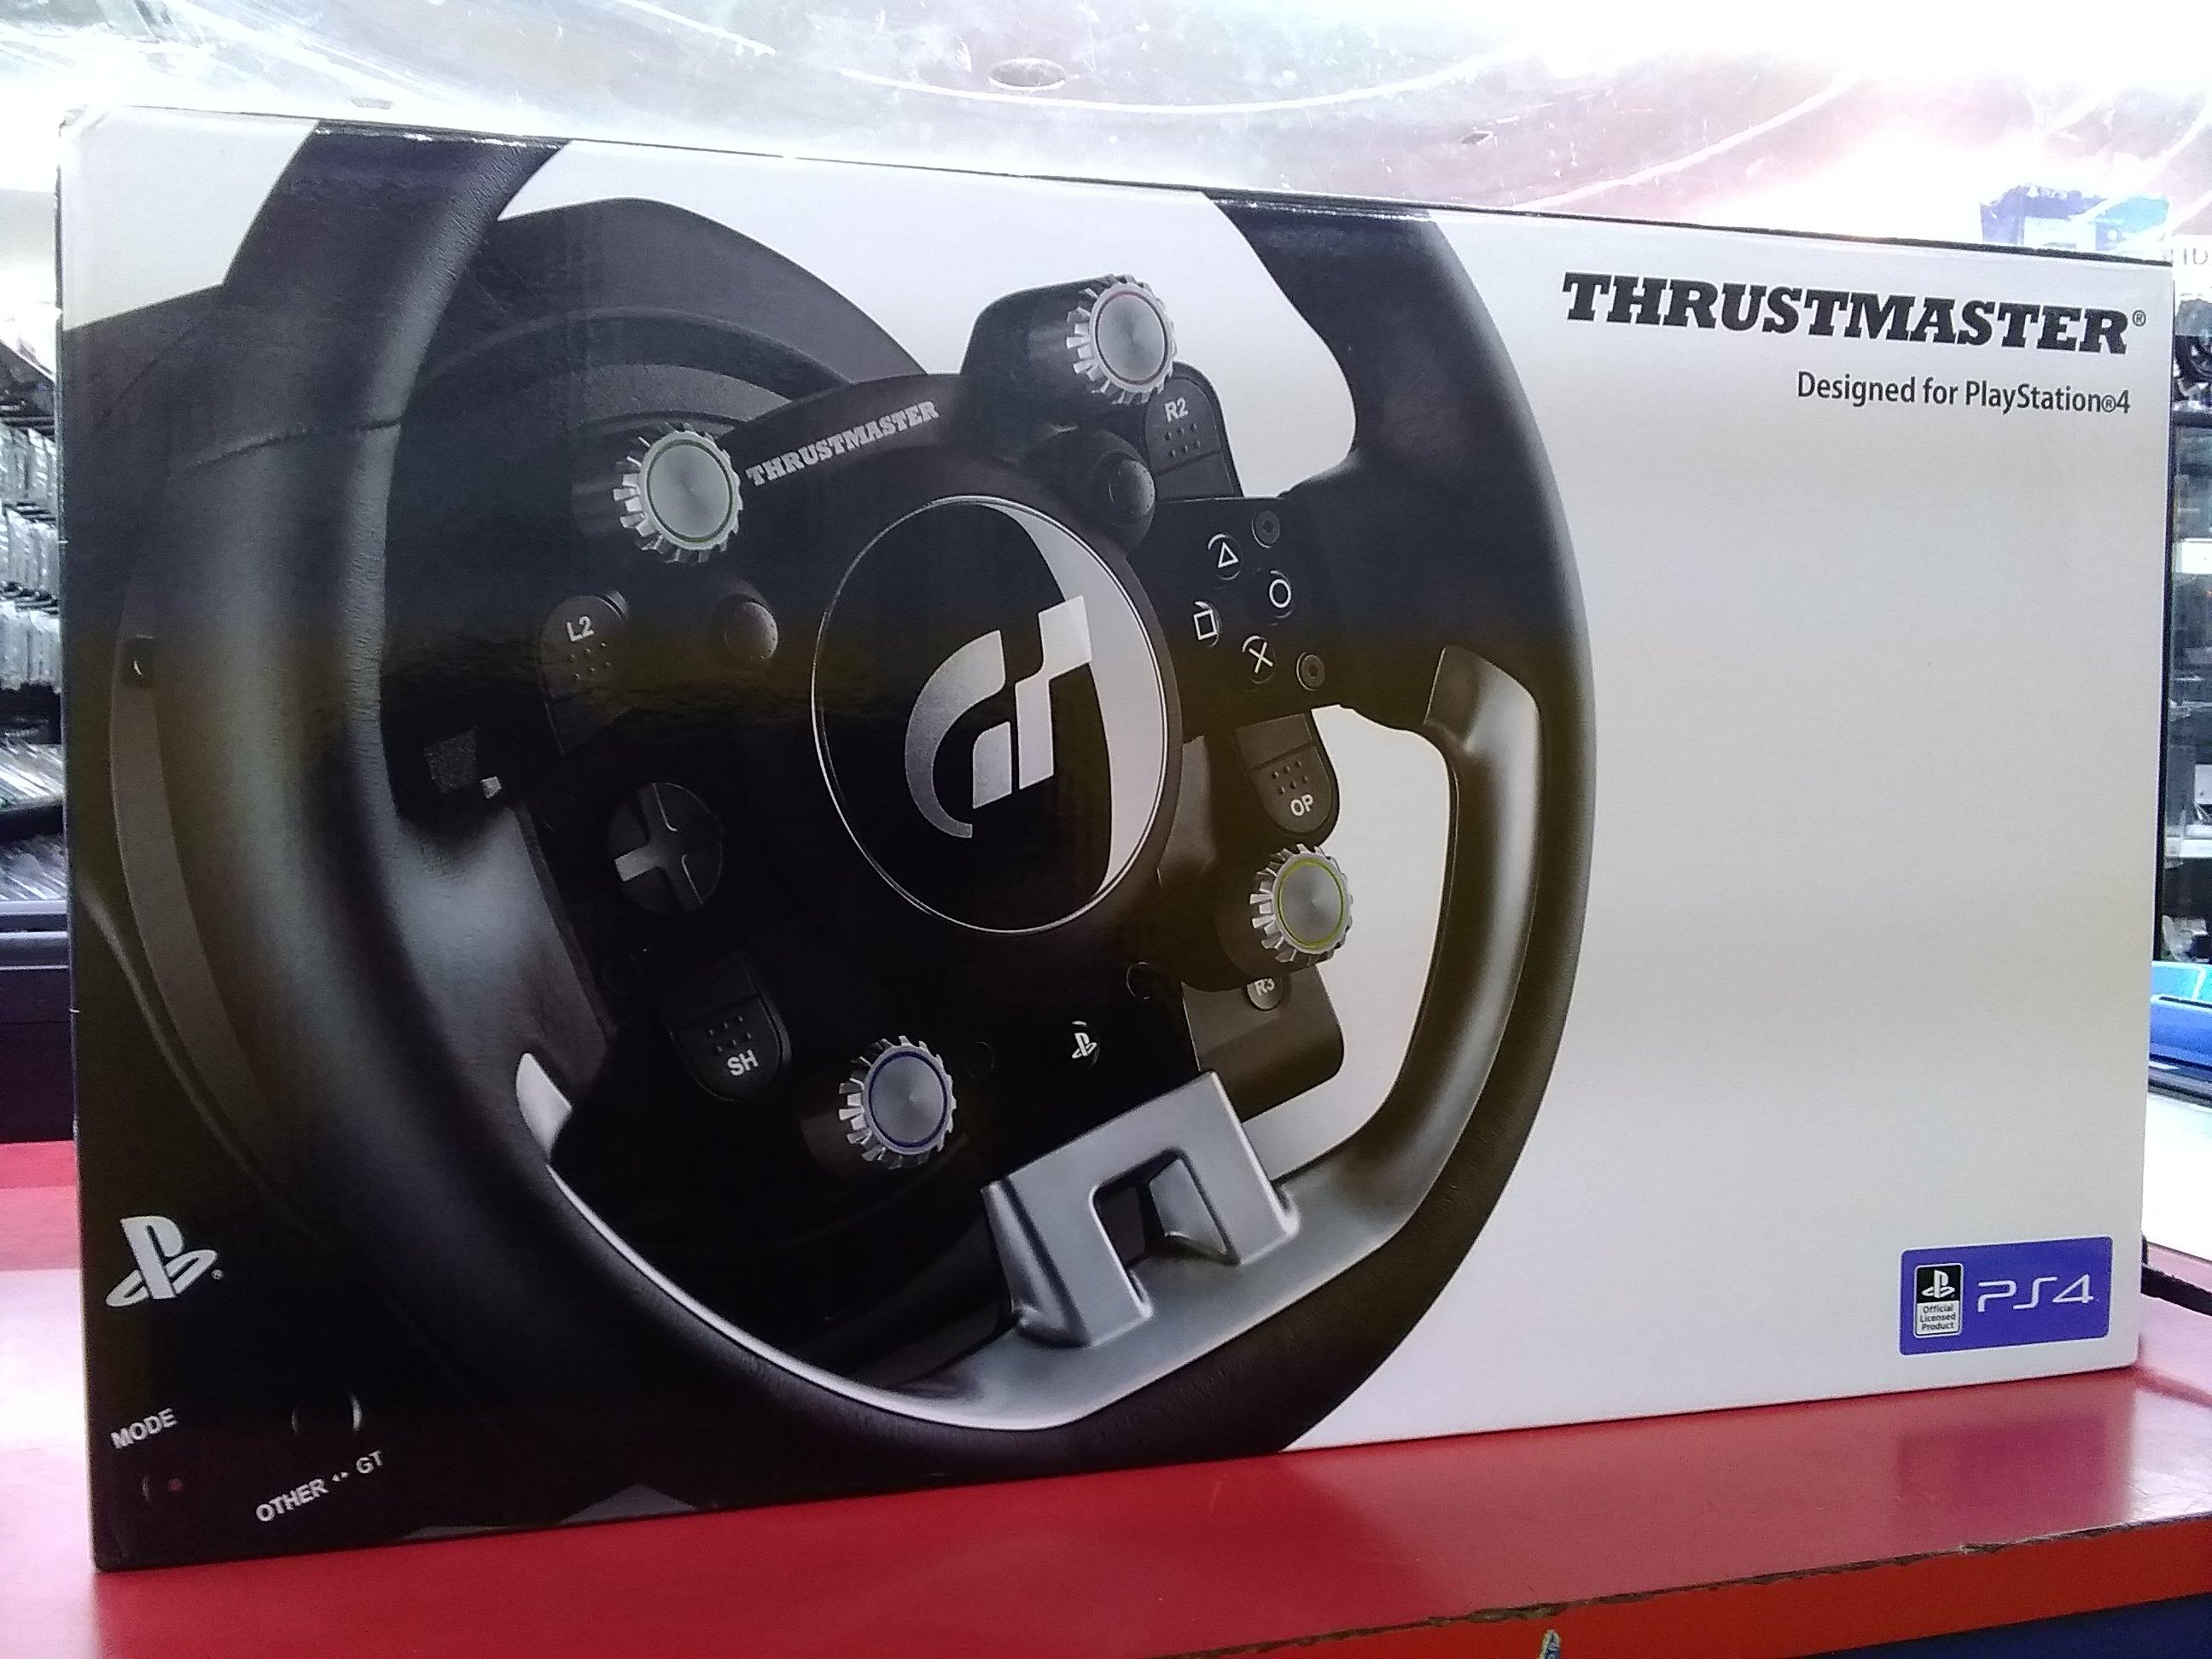 ハンコン スラストマスター|THRUSTMASTER